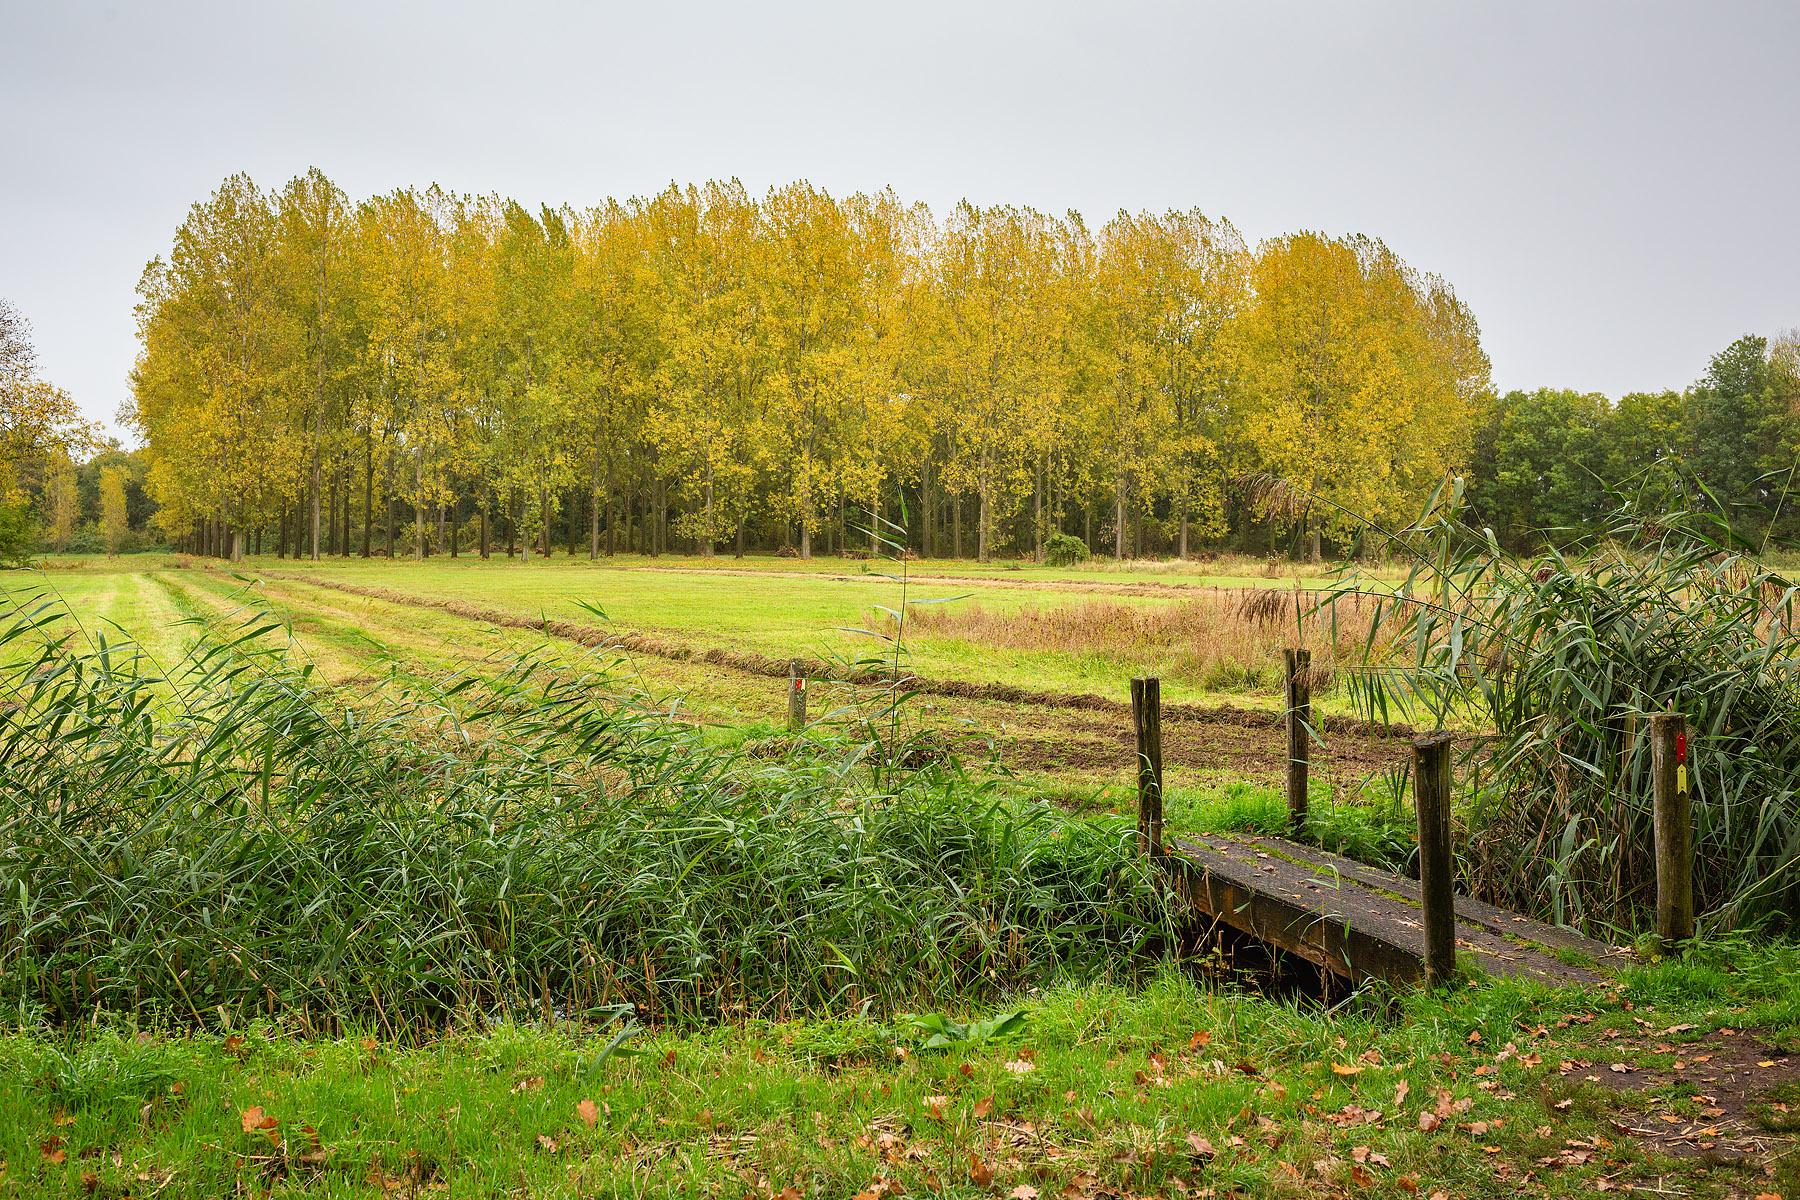 Hageven in Pelt (Neerpelt), West-Vlaamse landschapsfotograaf Glenn Vanderbeke